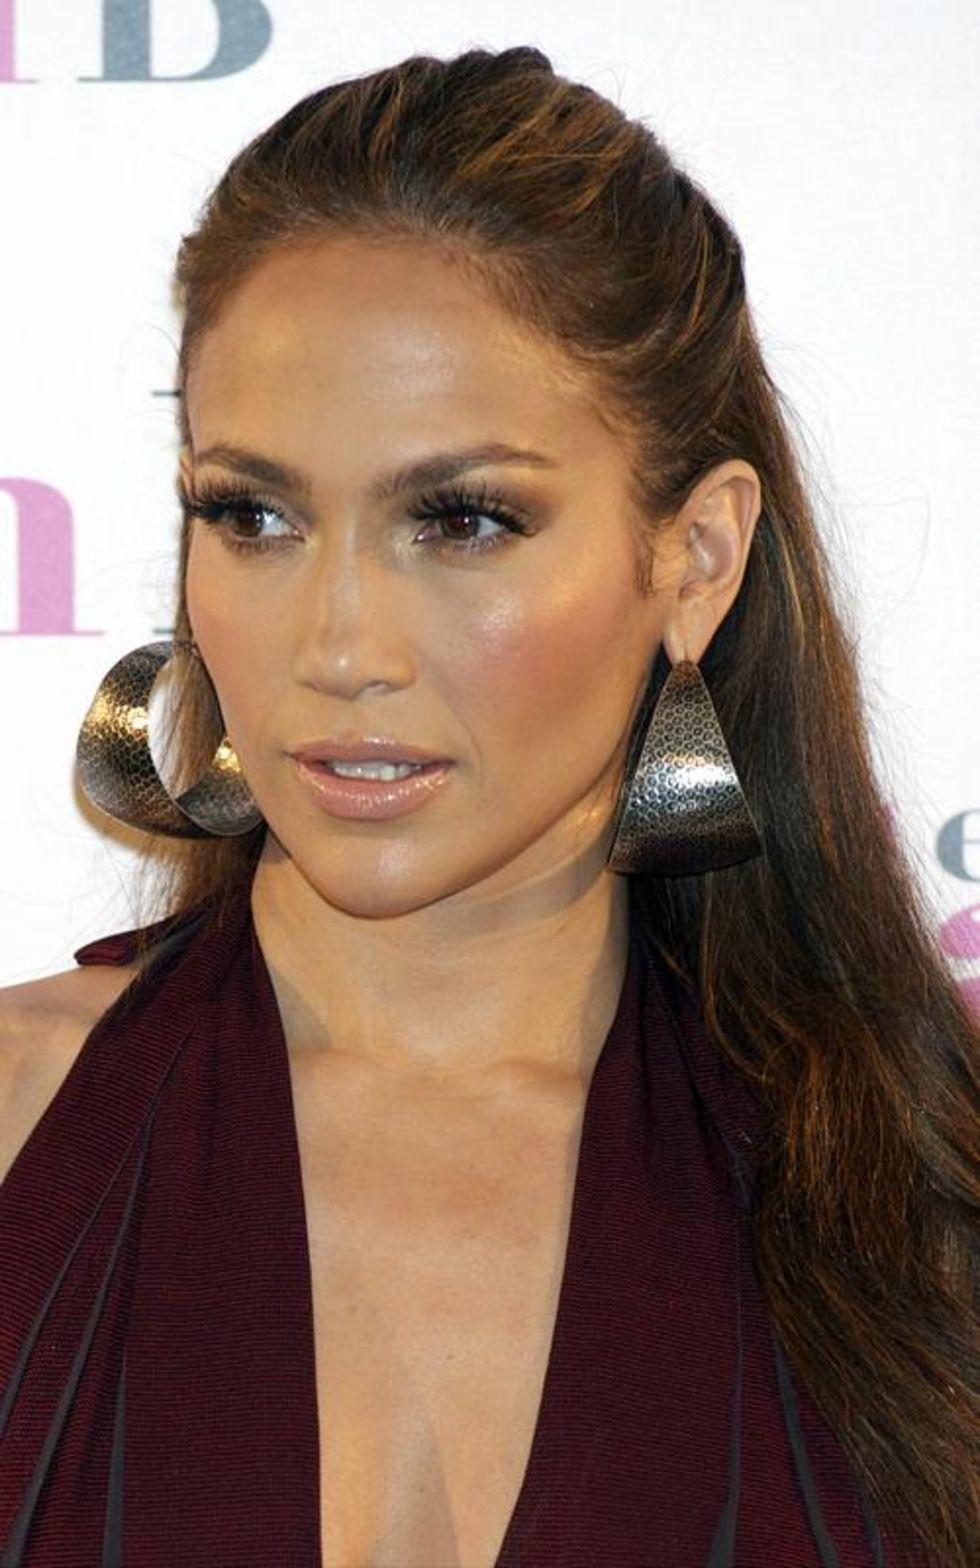 Jennifer Lopez 2010 : jennifer-lopez-candids-in-spain-14